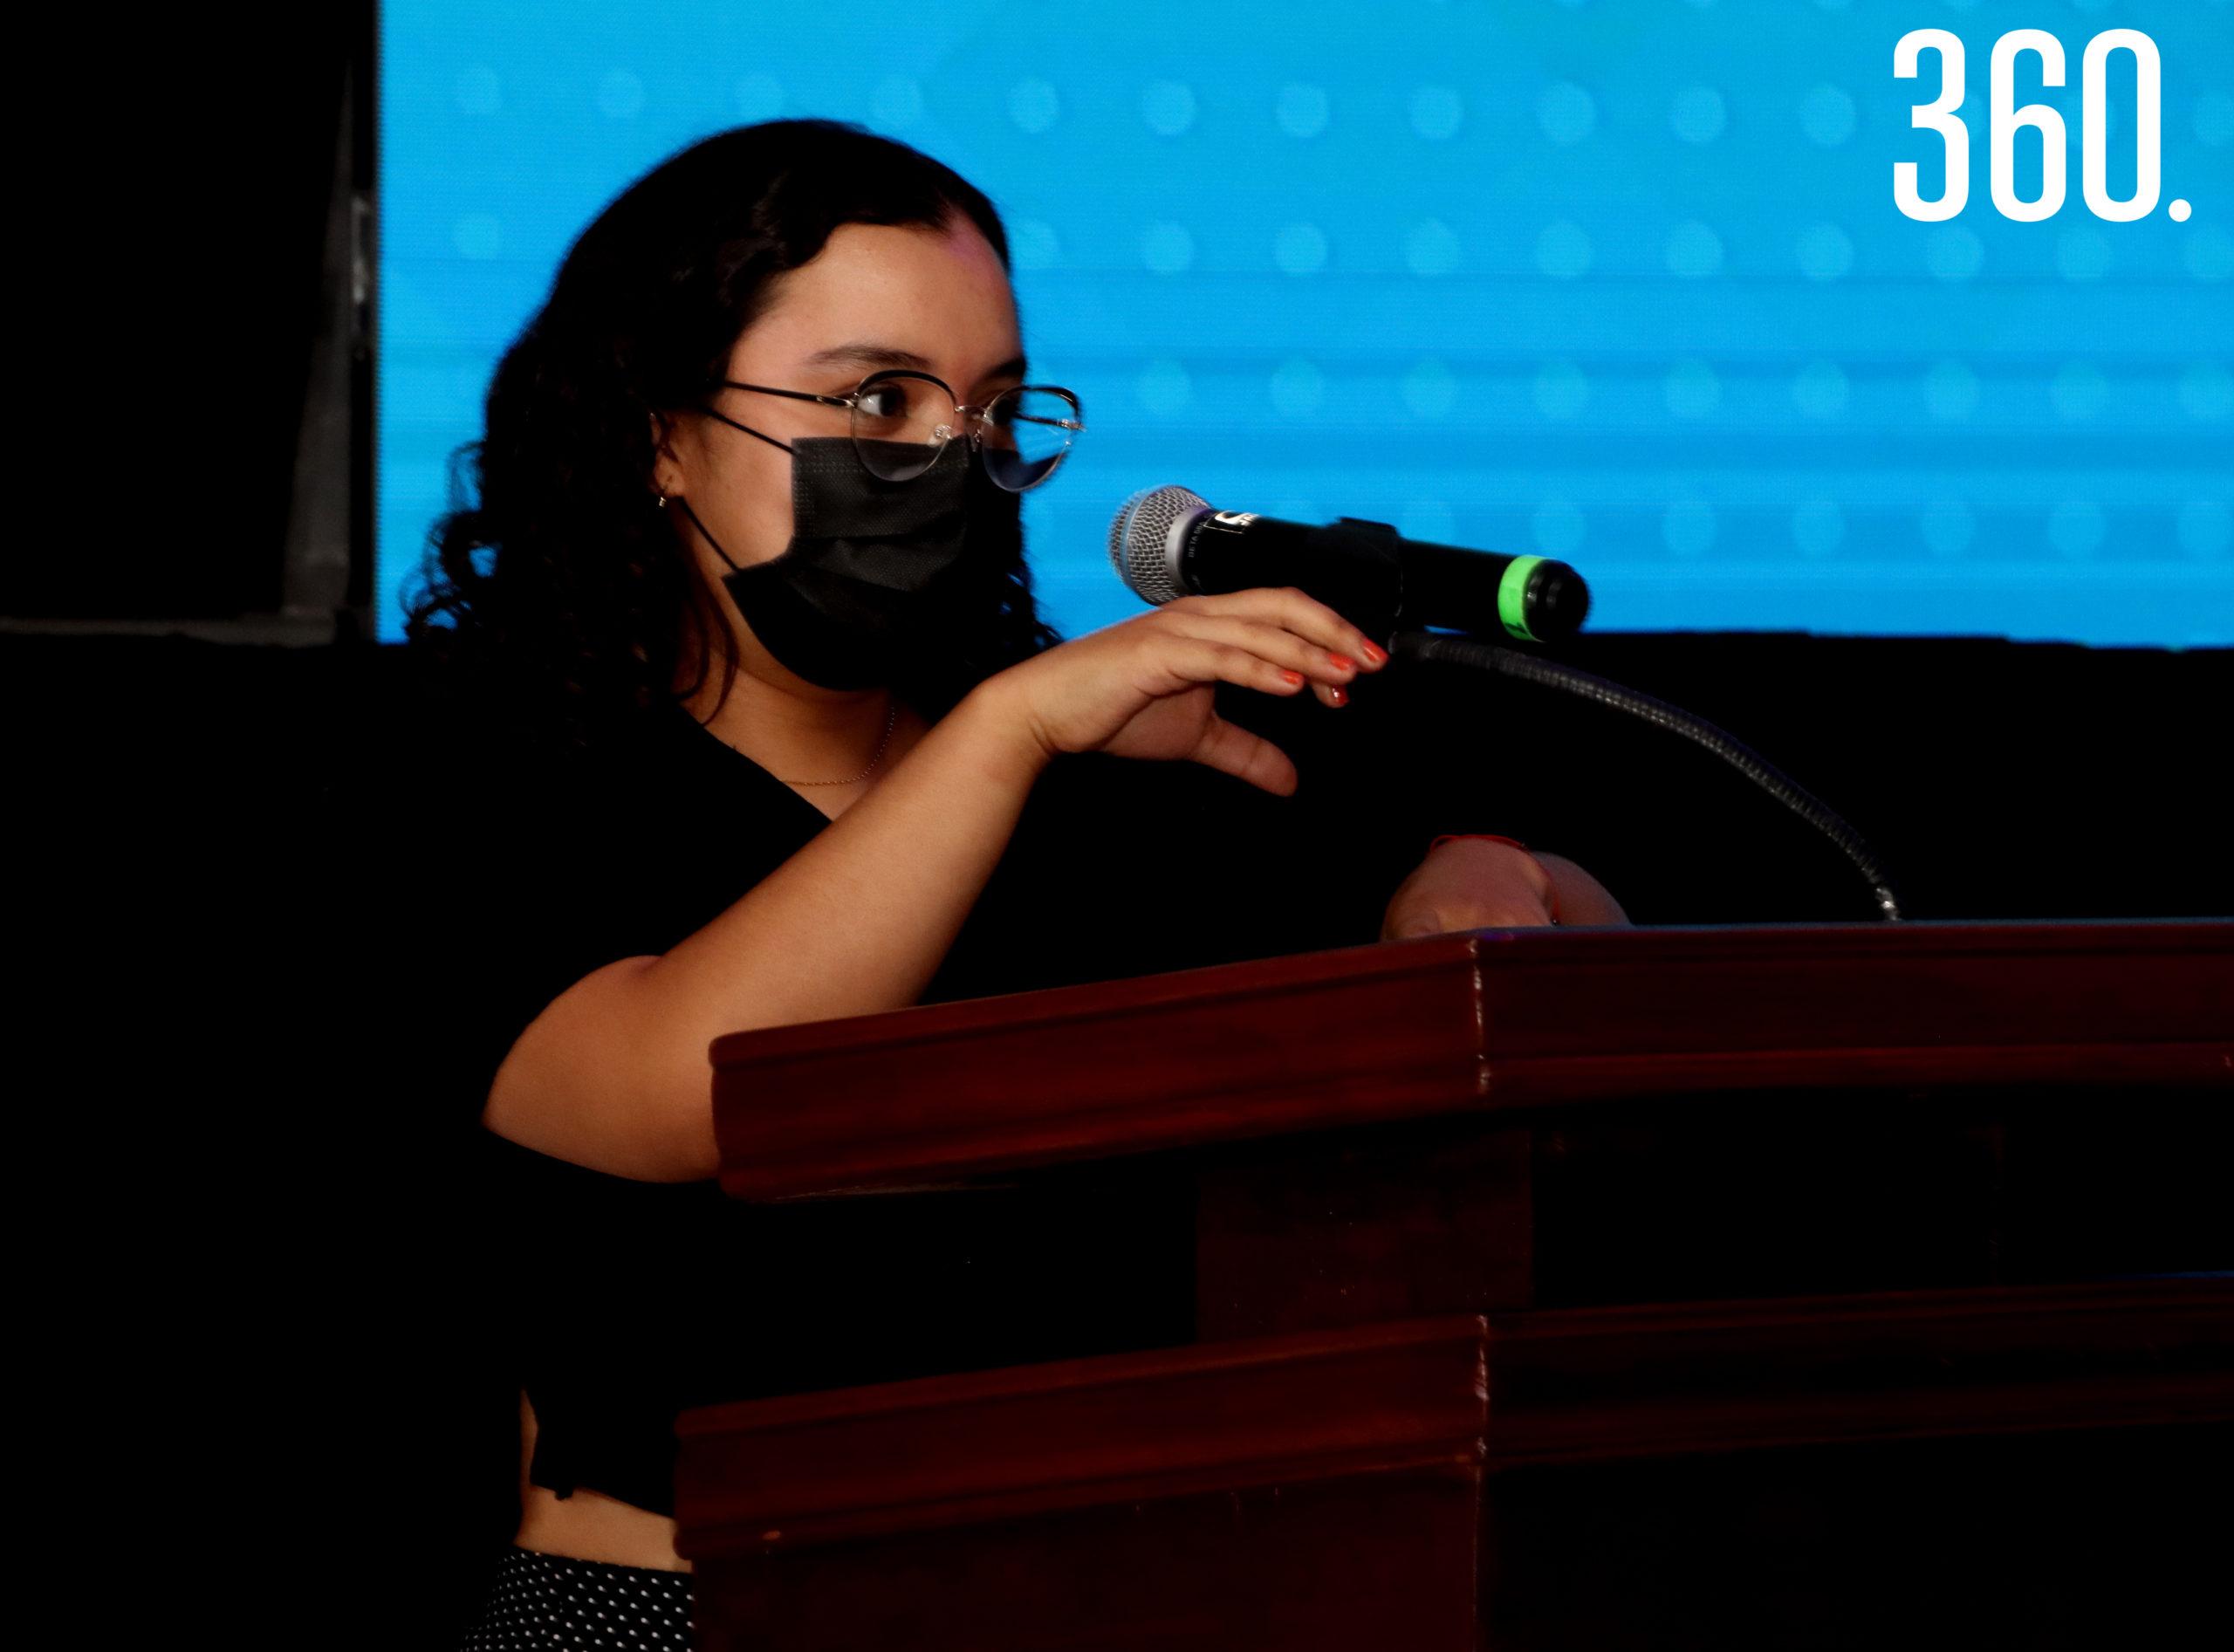 Yoatzín Elías Castañeda integrante de la compañía de teatro musical dio el mensaje por parte del área de Arte y Cultura.